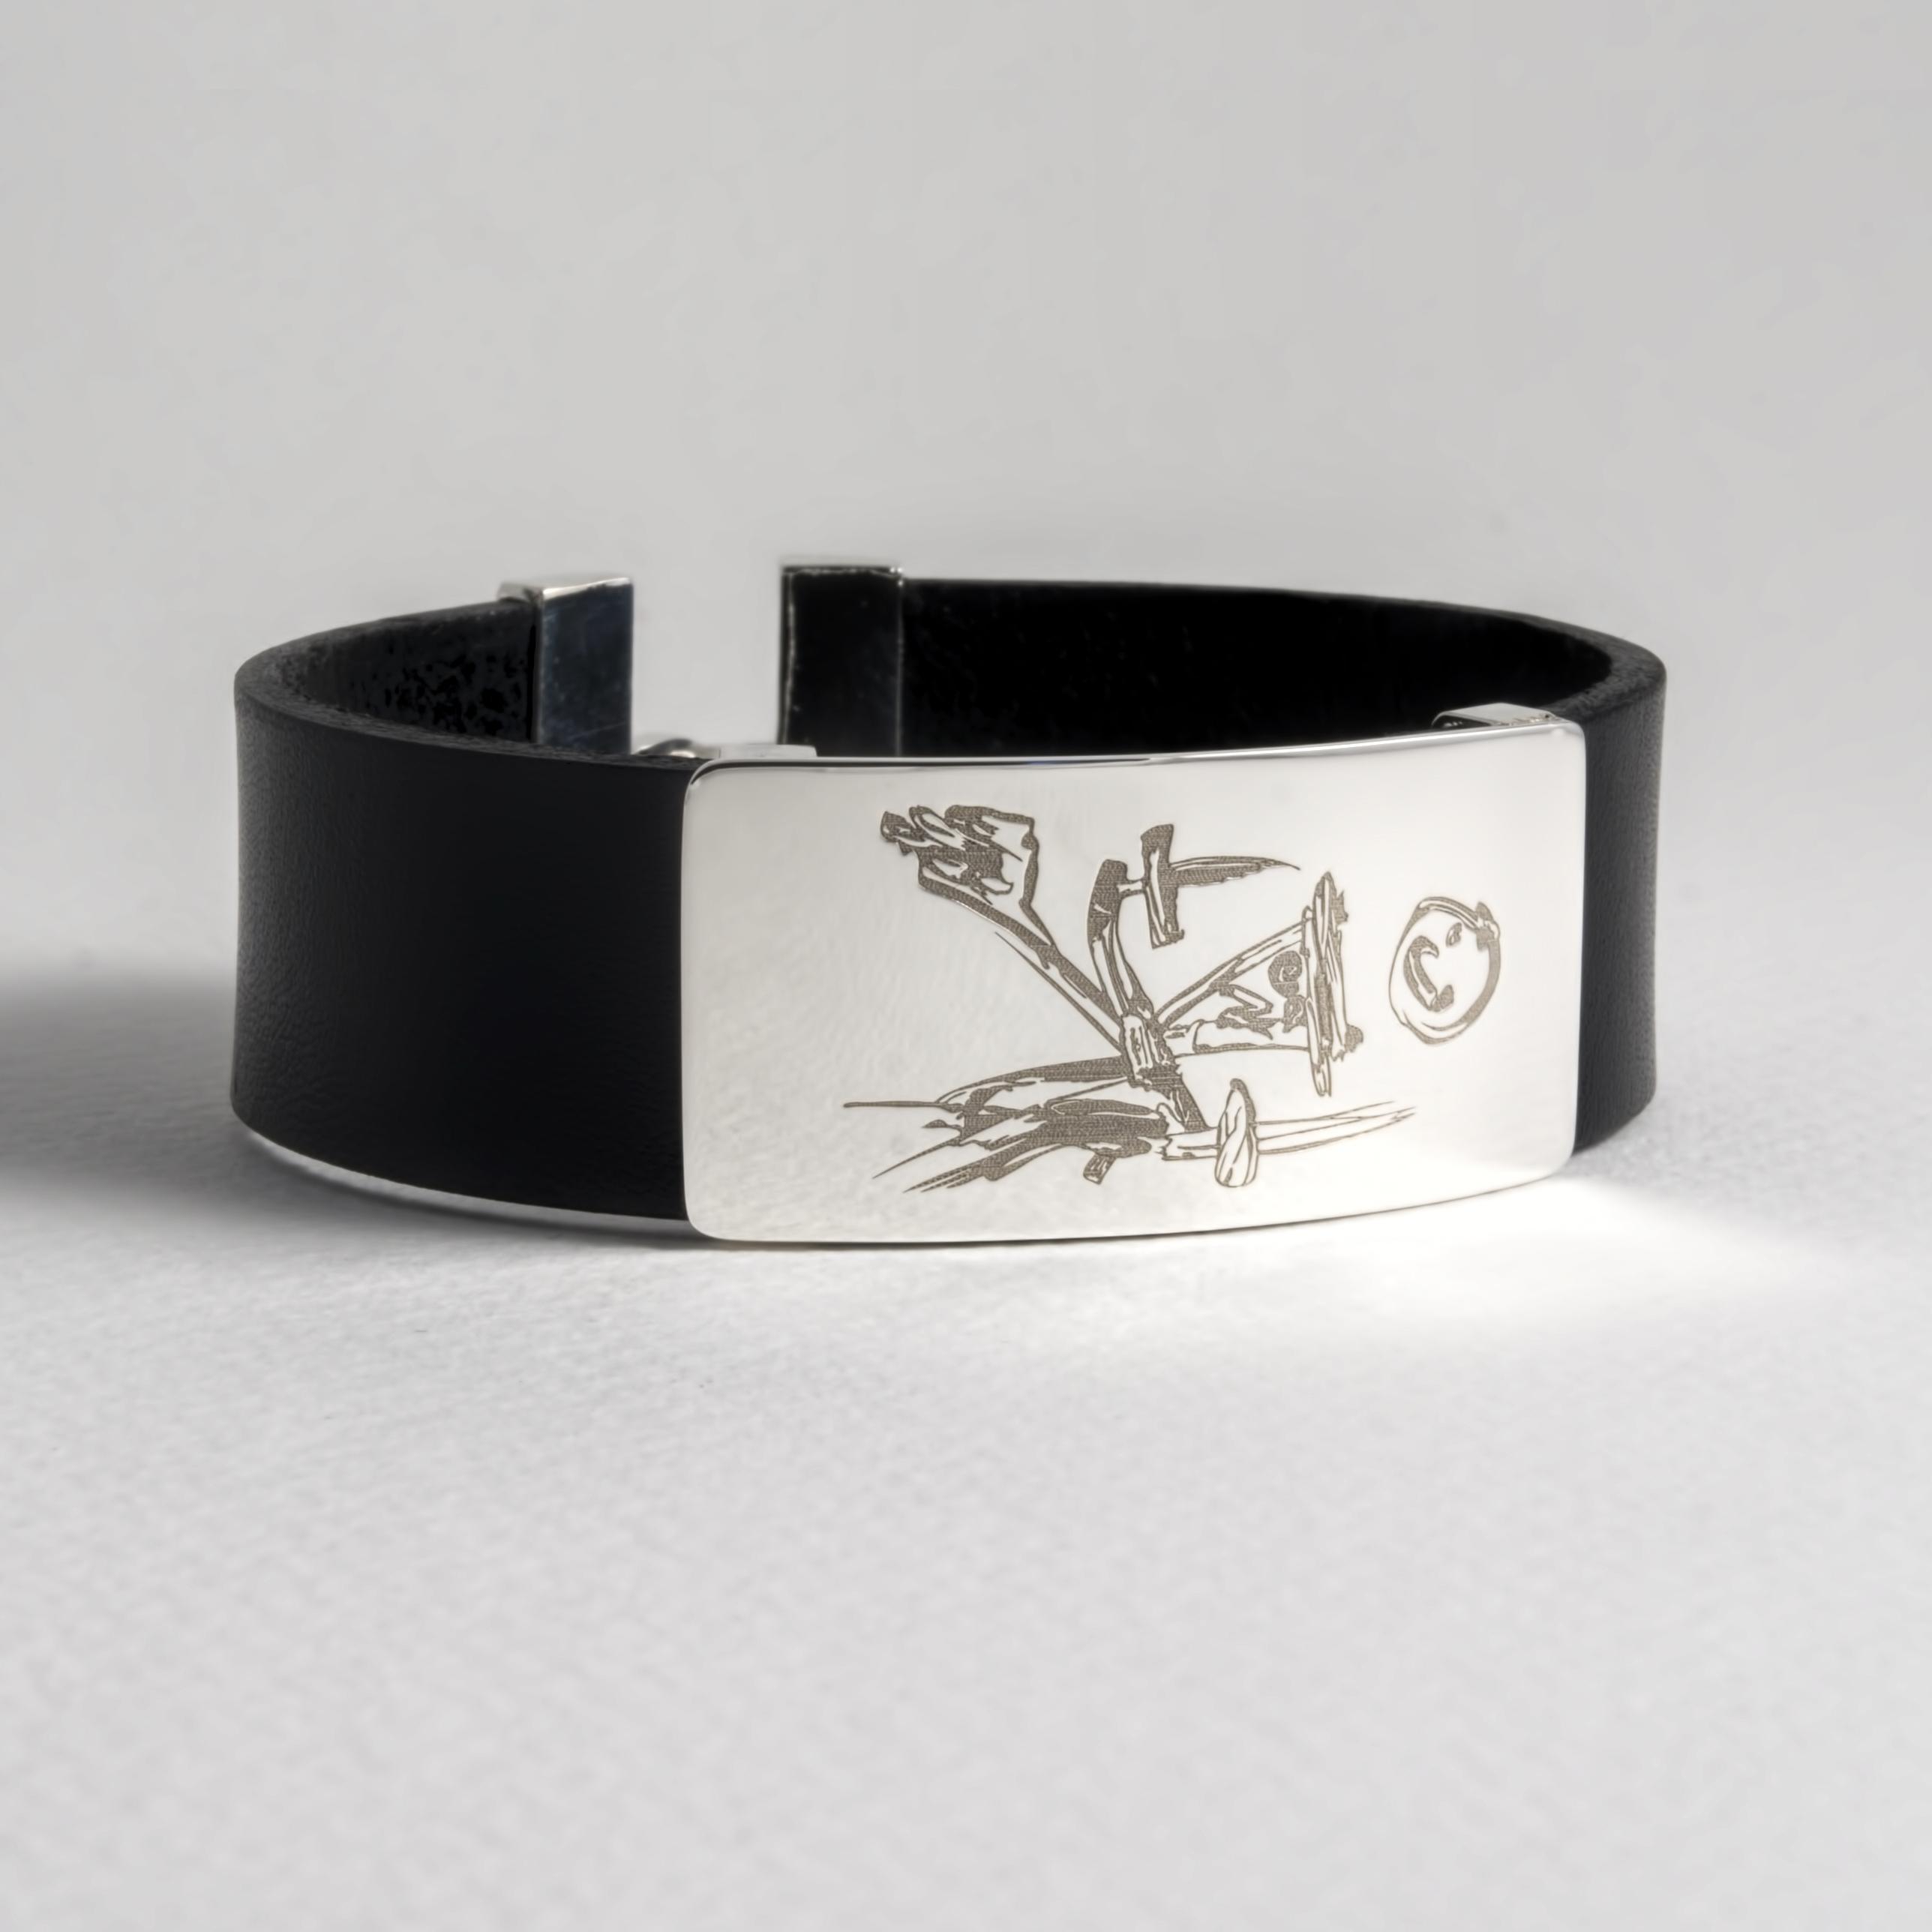 deri bileklik 2.2 / leather bracelet 2.2